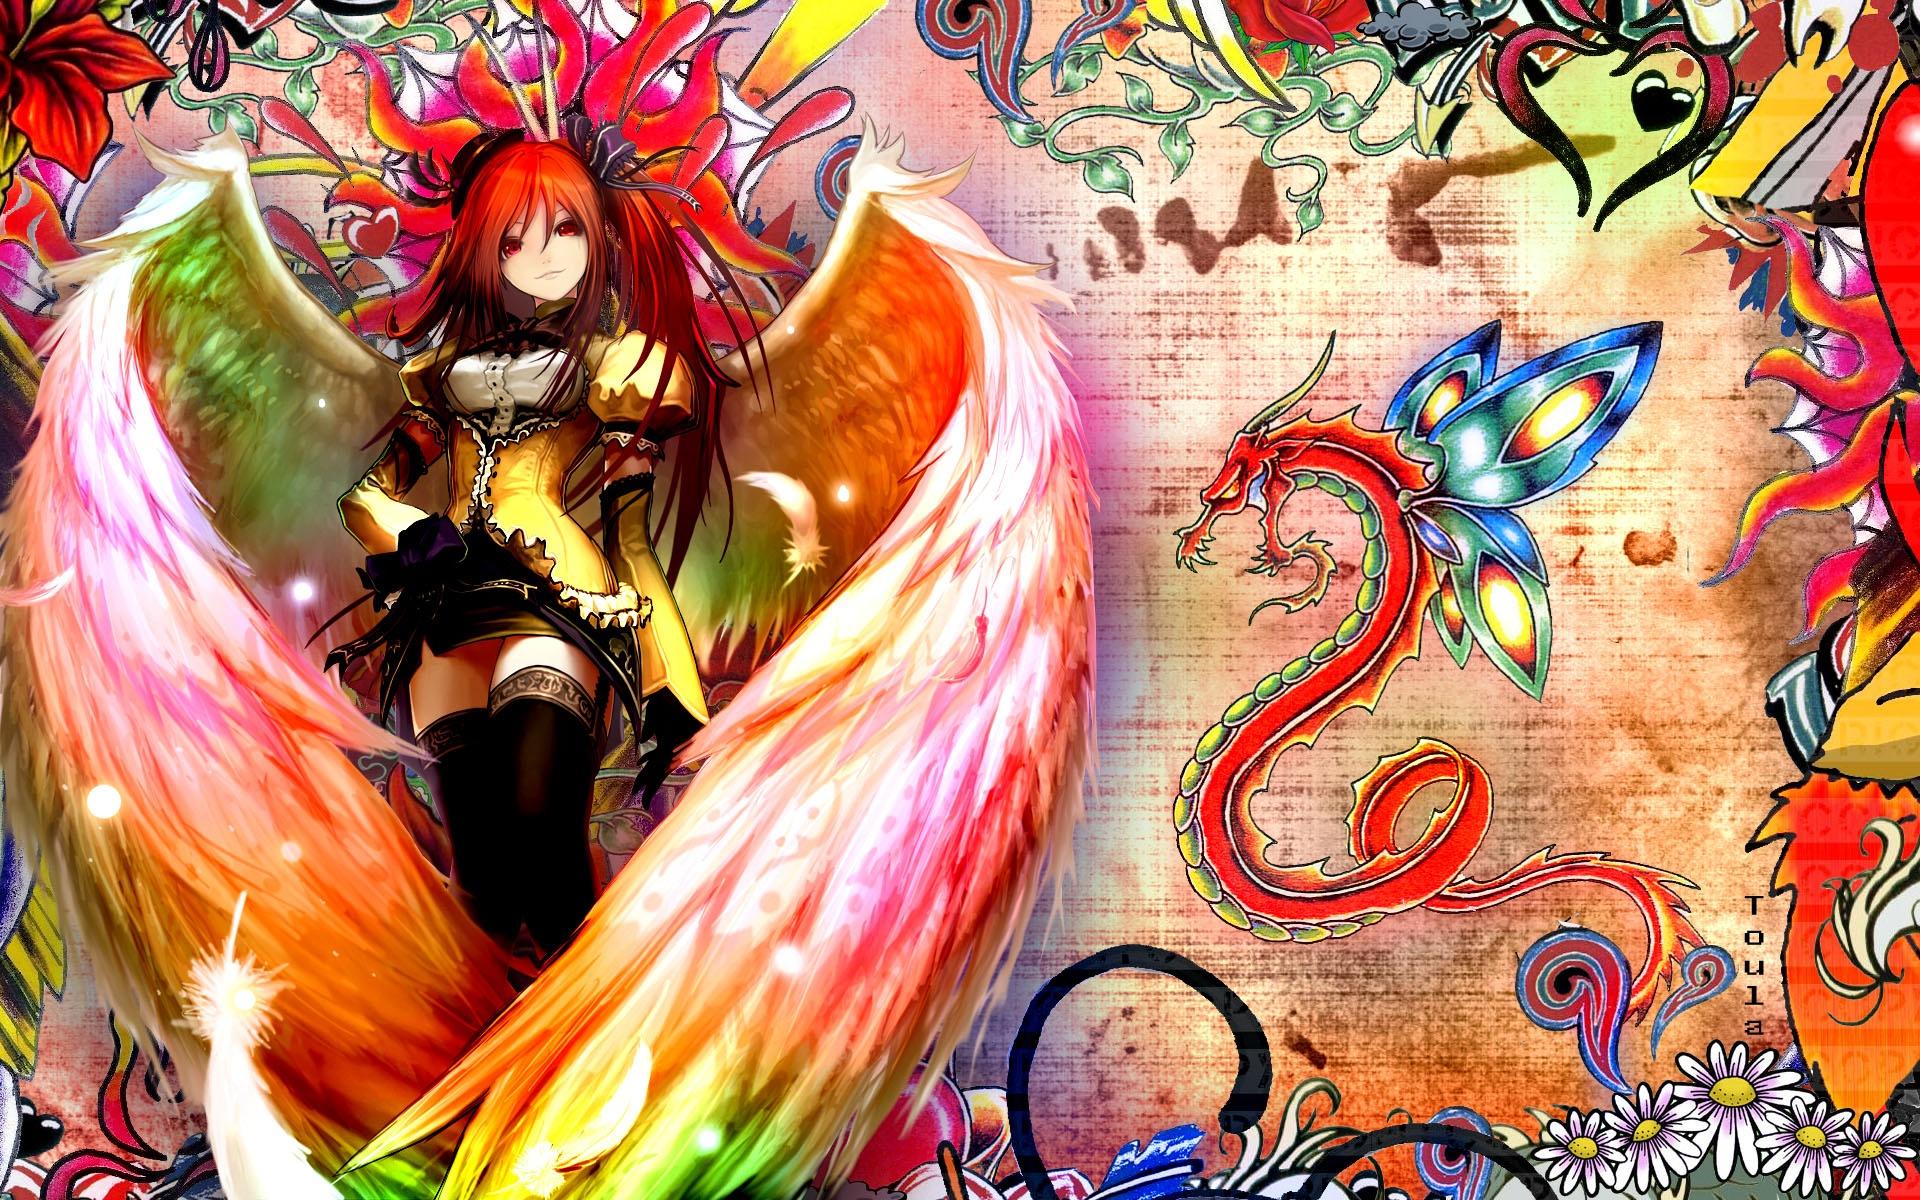 壁紙 灼眼のシャナ アニメ天使少女 19x10 Hd 無料のデスクトップの背景 画像